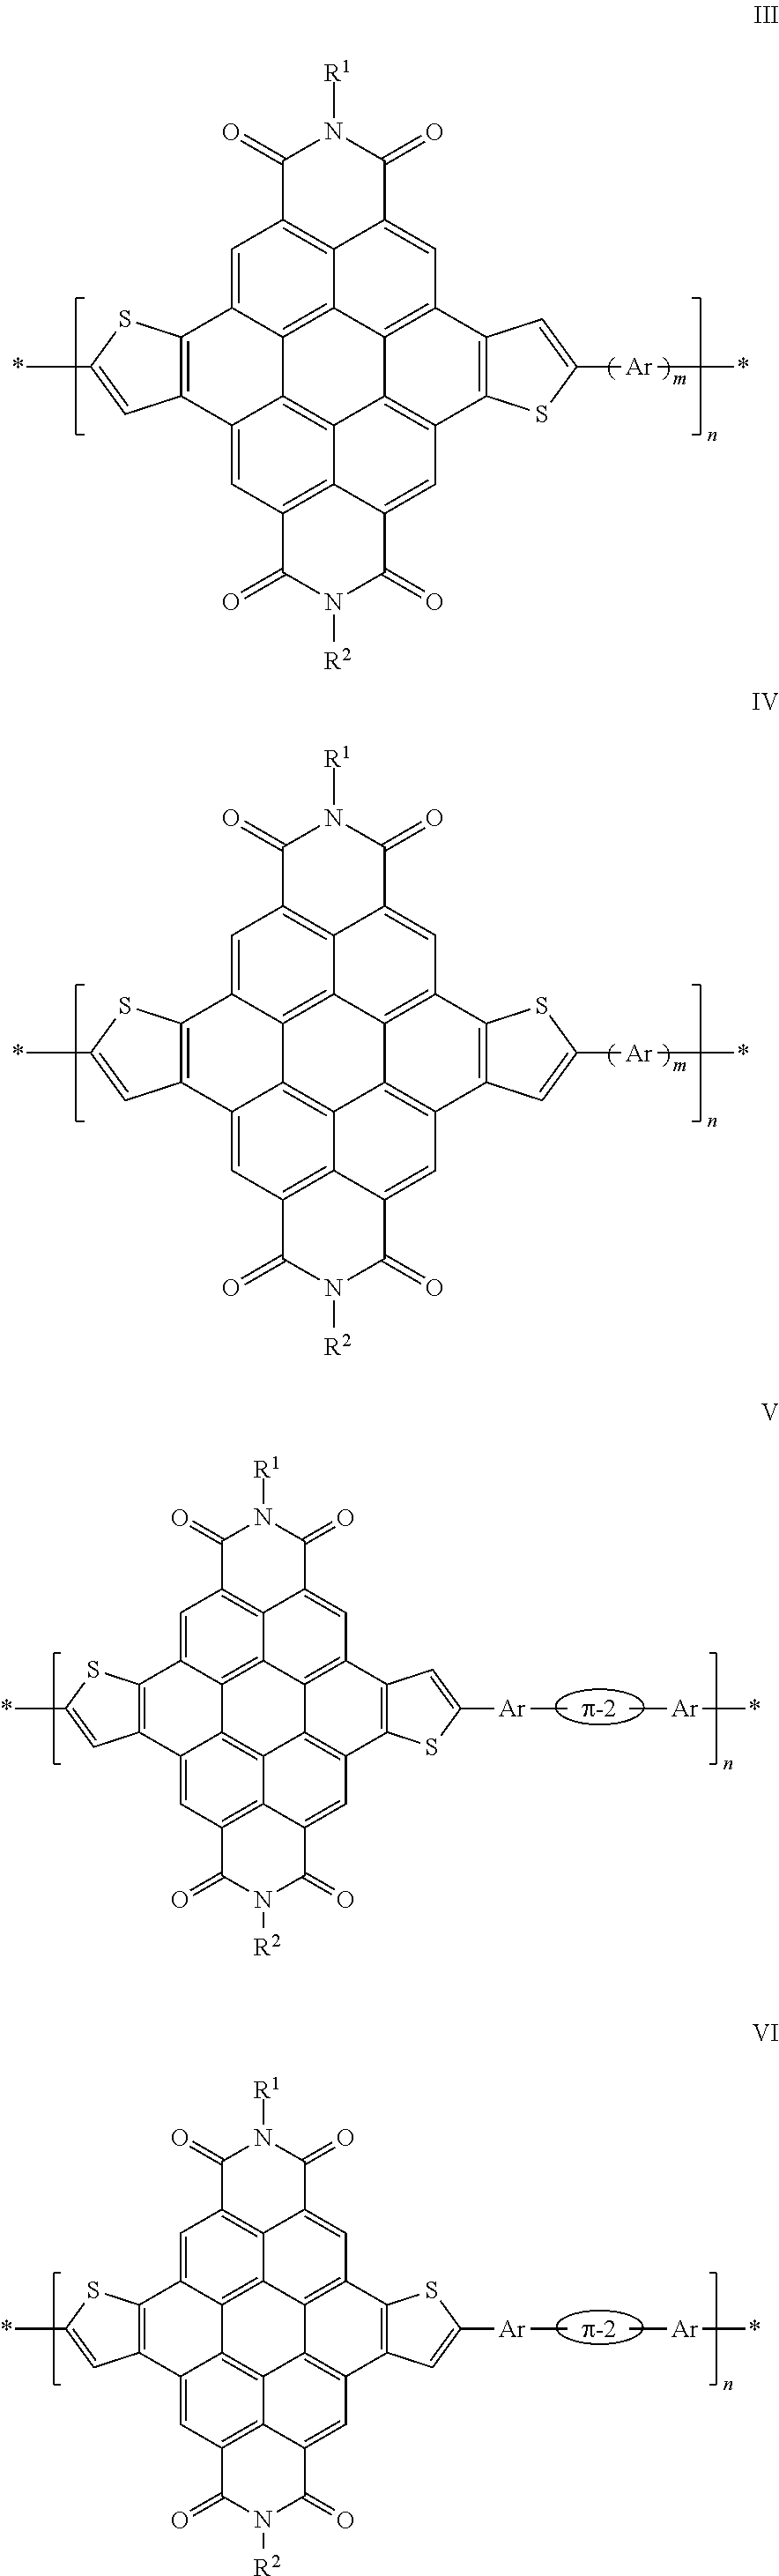 Figure US08329855-20121211-C00076